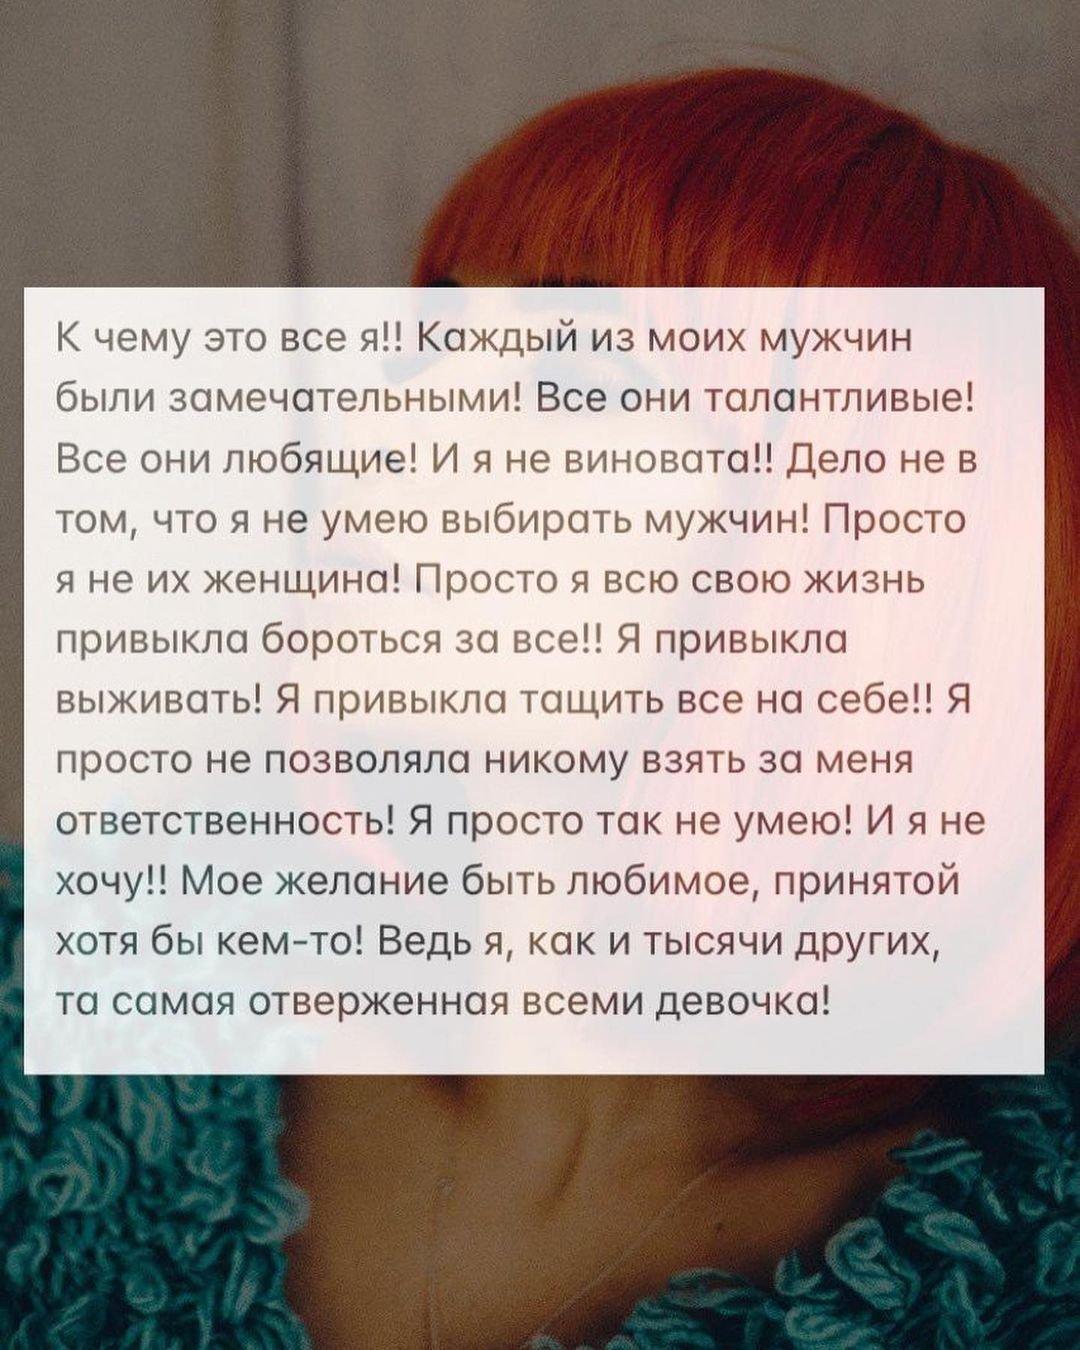 Айза Долматова сообщила, что в младенчестве её сбил автомобиль